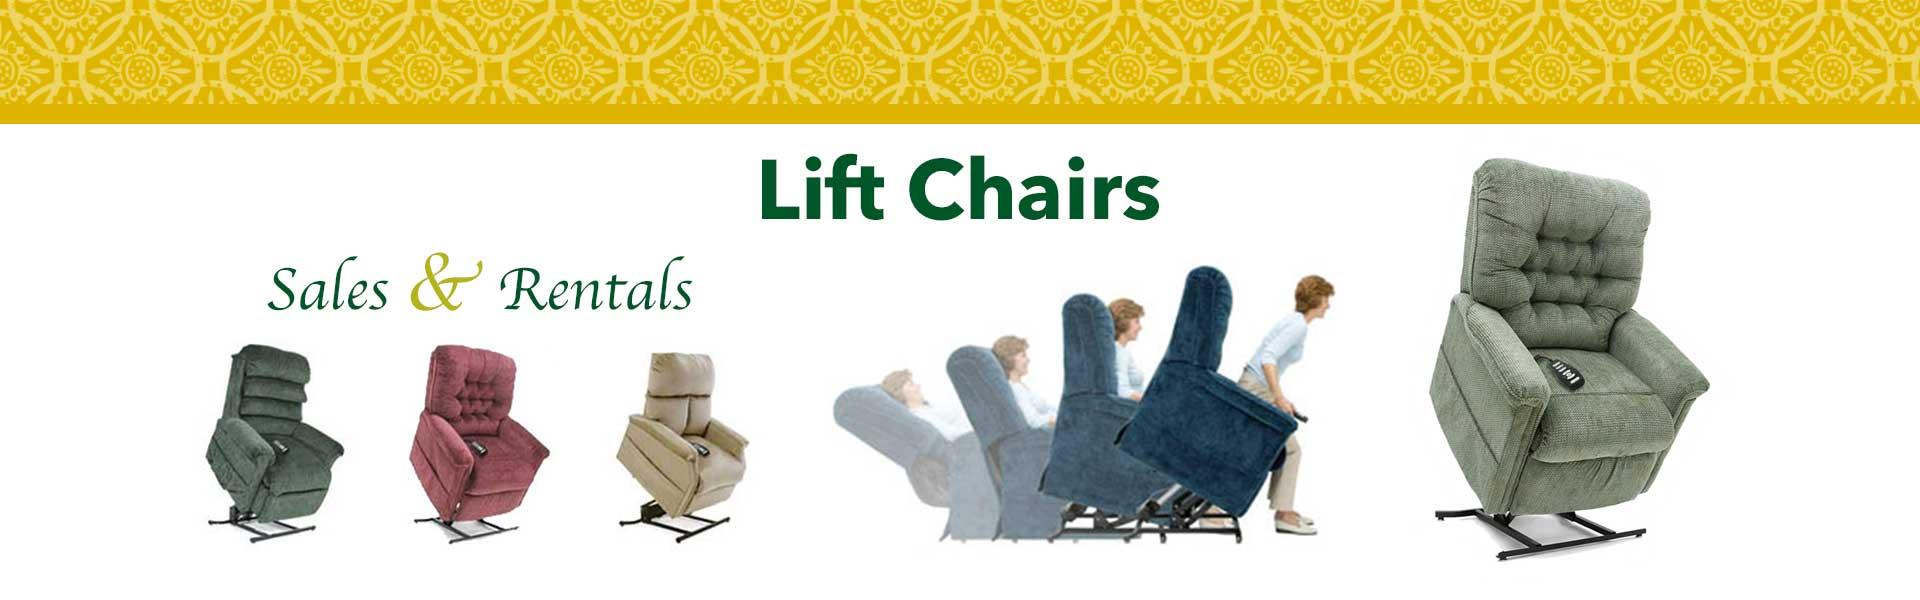 lift-chair-sales-rentals